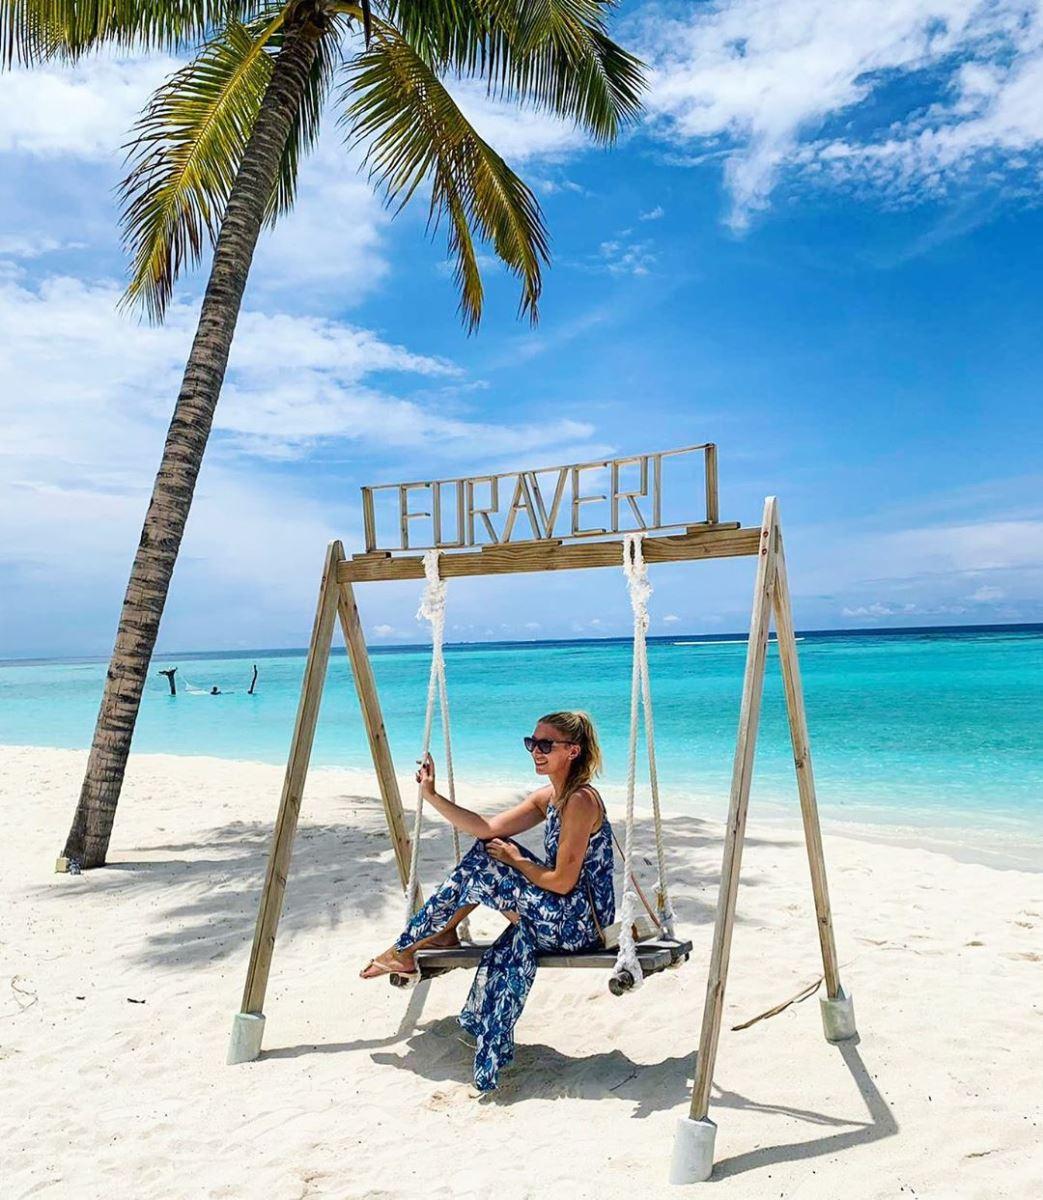 Maldives ở đâu? Maldives là của nước nào? Khám phá thiên đường du lịch hồ Maldives